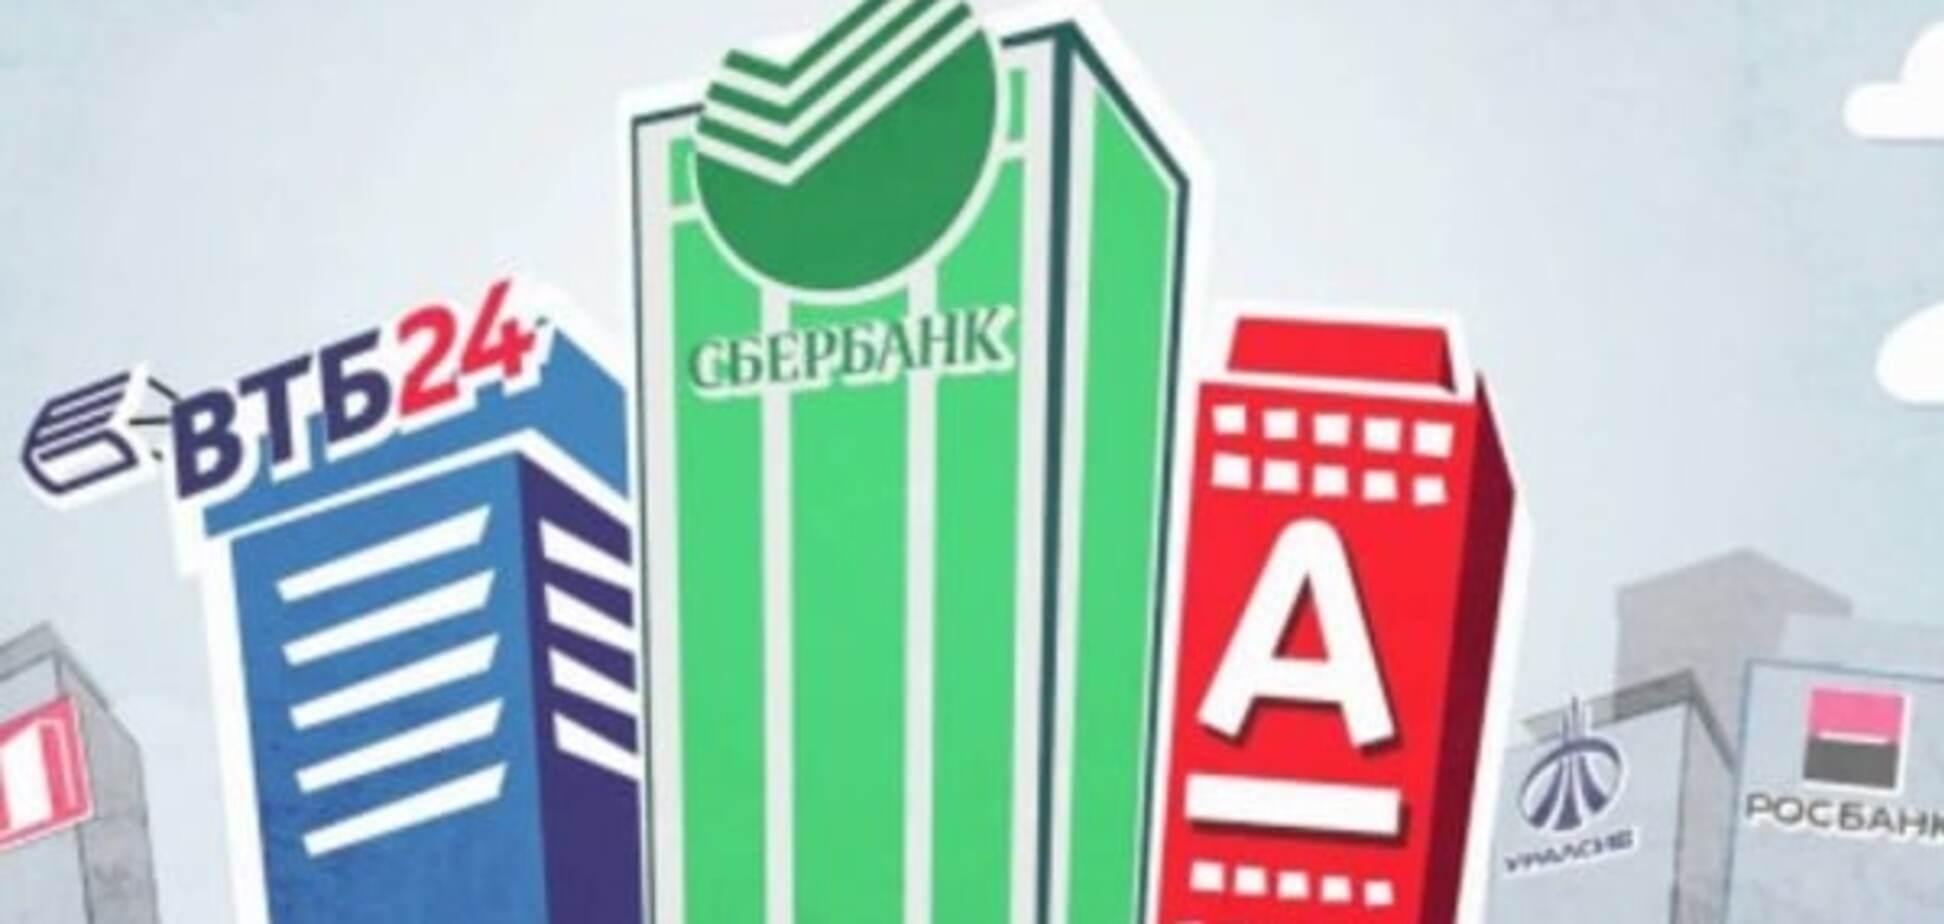 Ограничить и запретить: как заставить российские банки уйти с рынка Украины